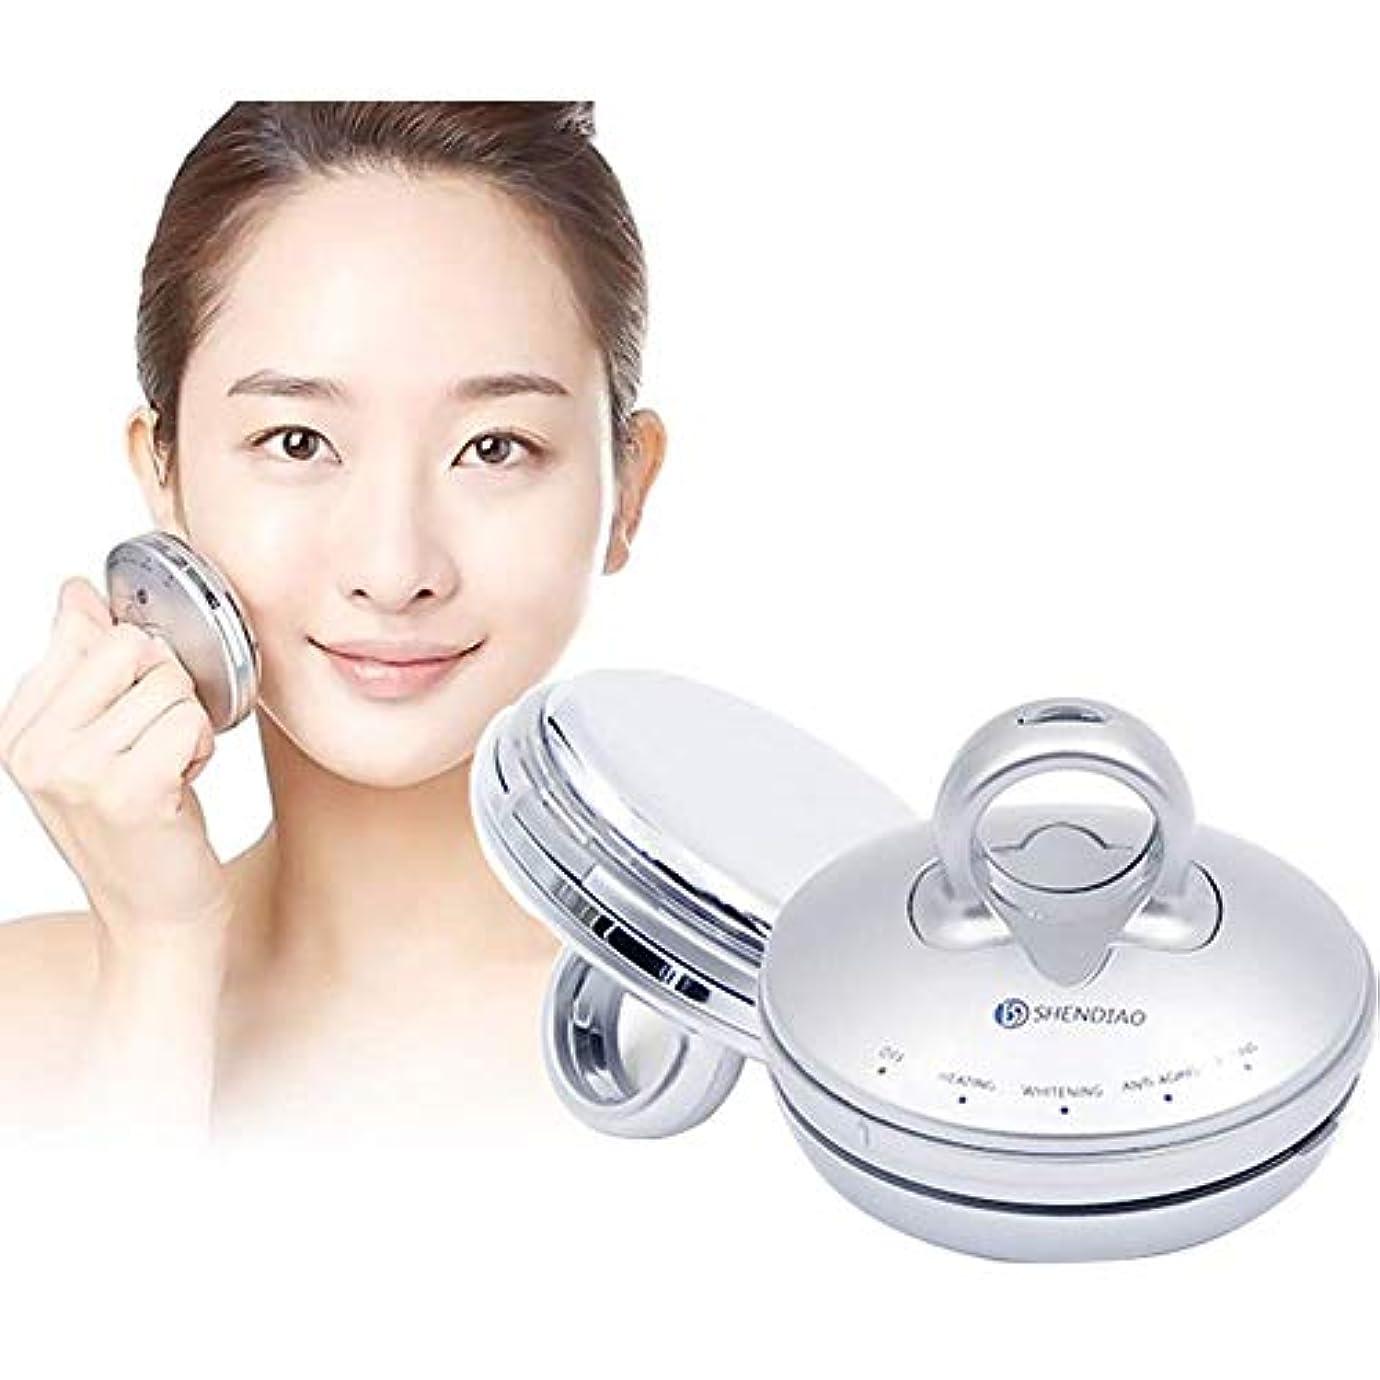 順応性またはやりすぎ美のマッサージャー、顔のマッサージャーの振動美装置の顔のしわのスキンケアの上昇の反老化の白くなるマッサージャー